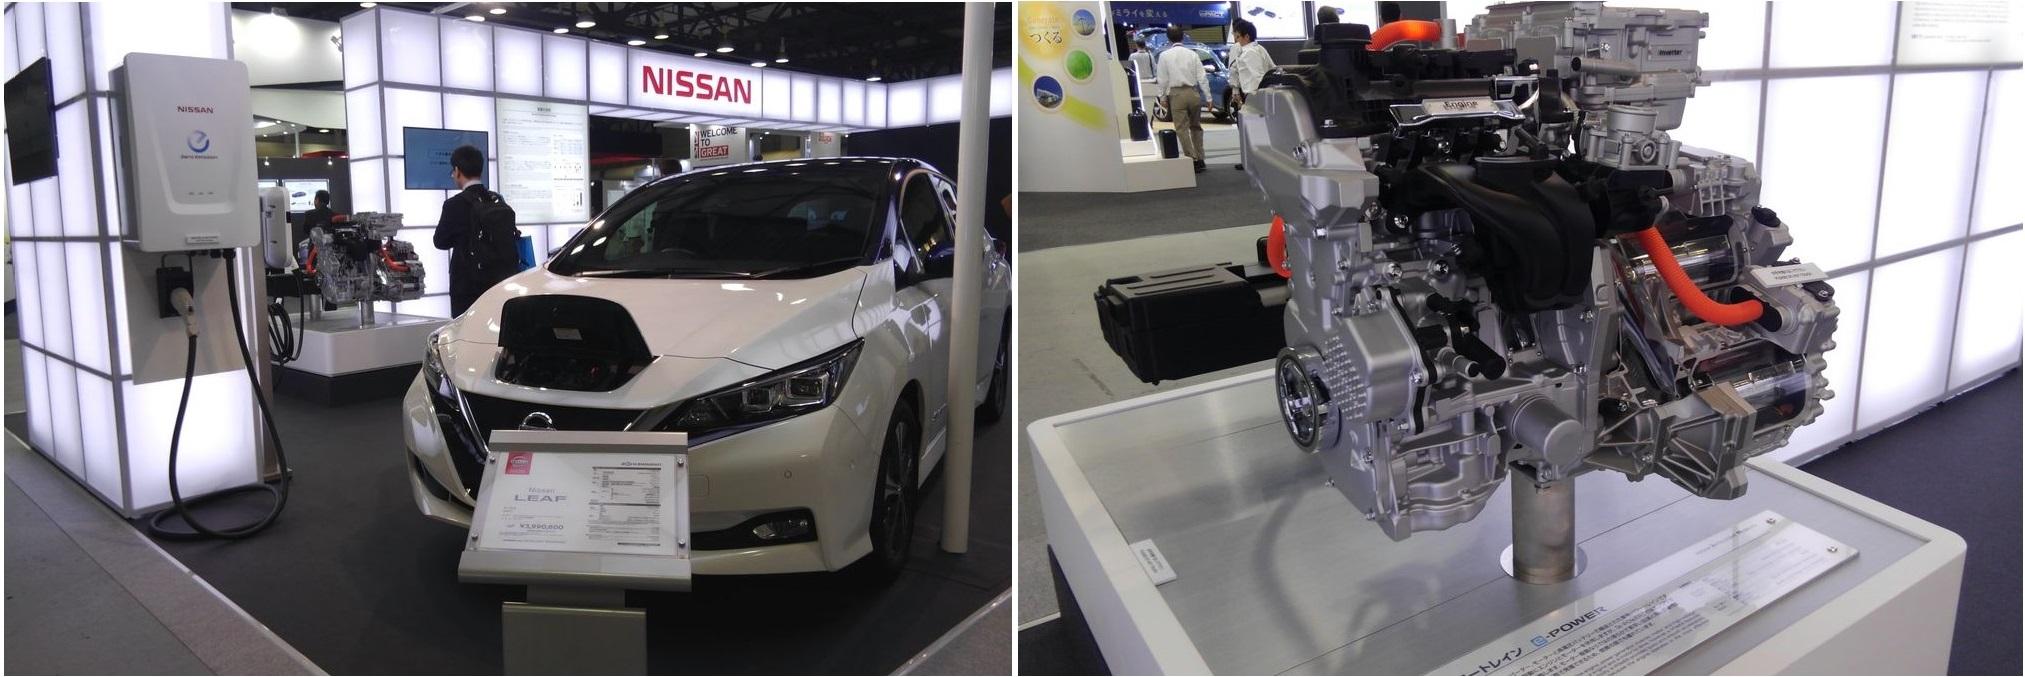 日産自動車株式会社のEV「LEAF」や「e-パワートレイン」、充電器の写真です。